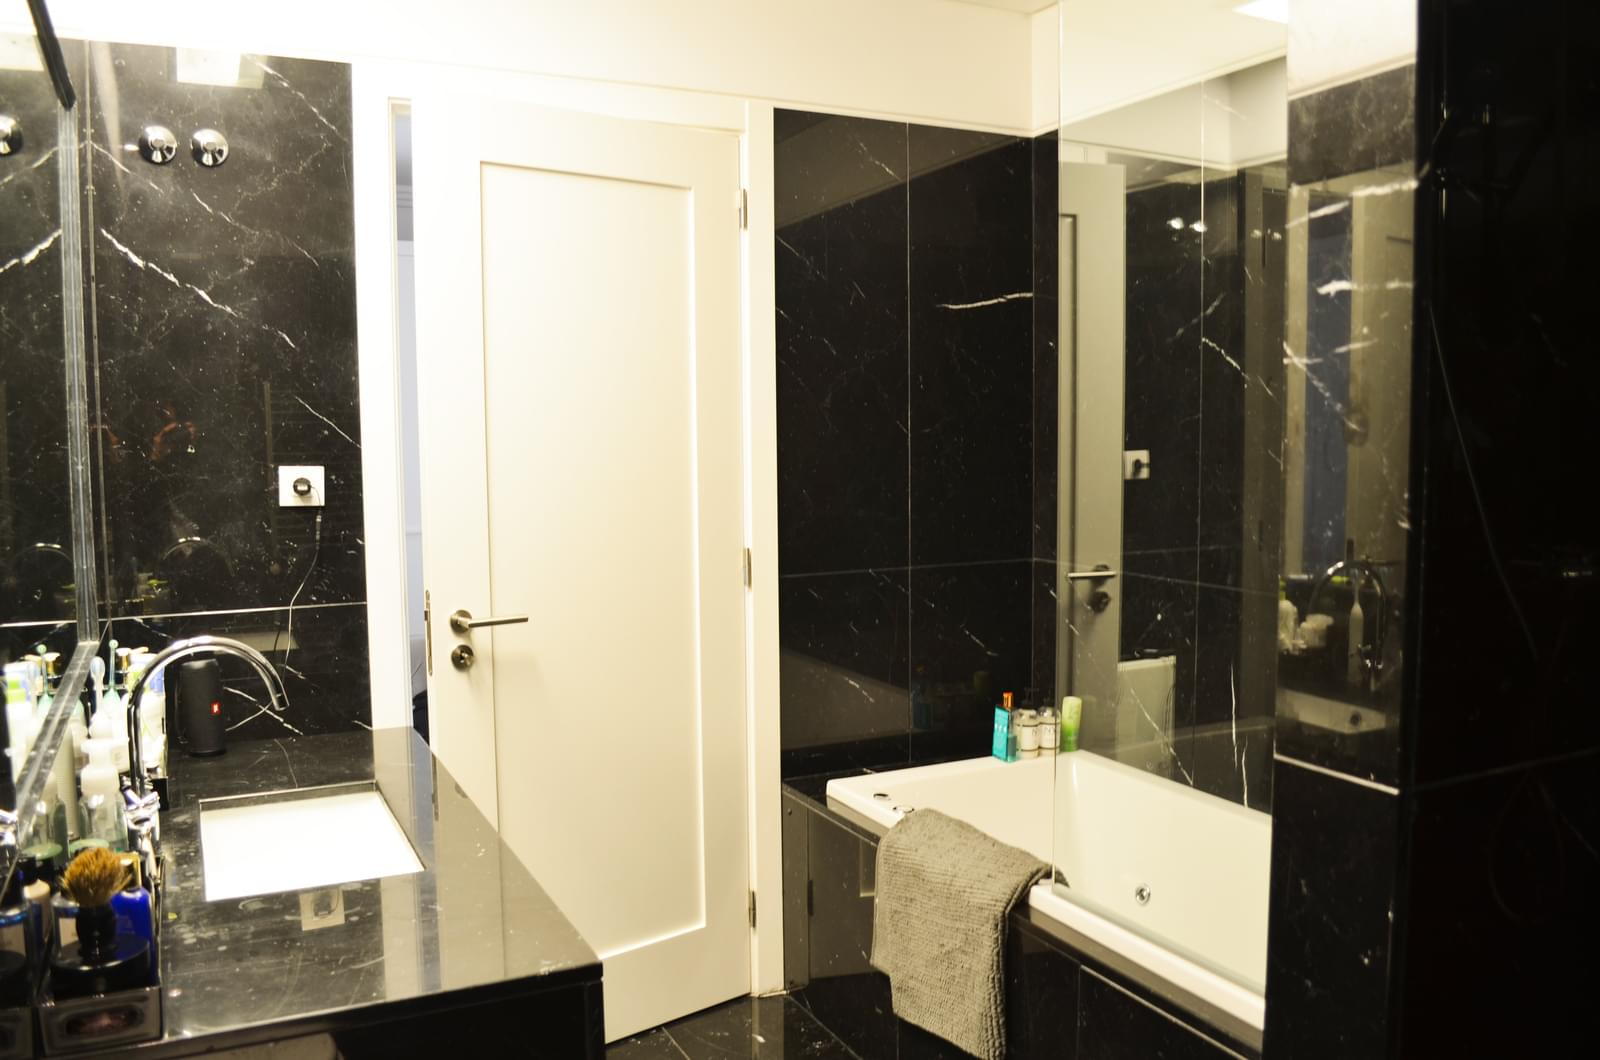 pf18712-apartamento-t2-lisboa-96b63373-a735-4086-a560-157d99c16ddd